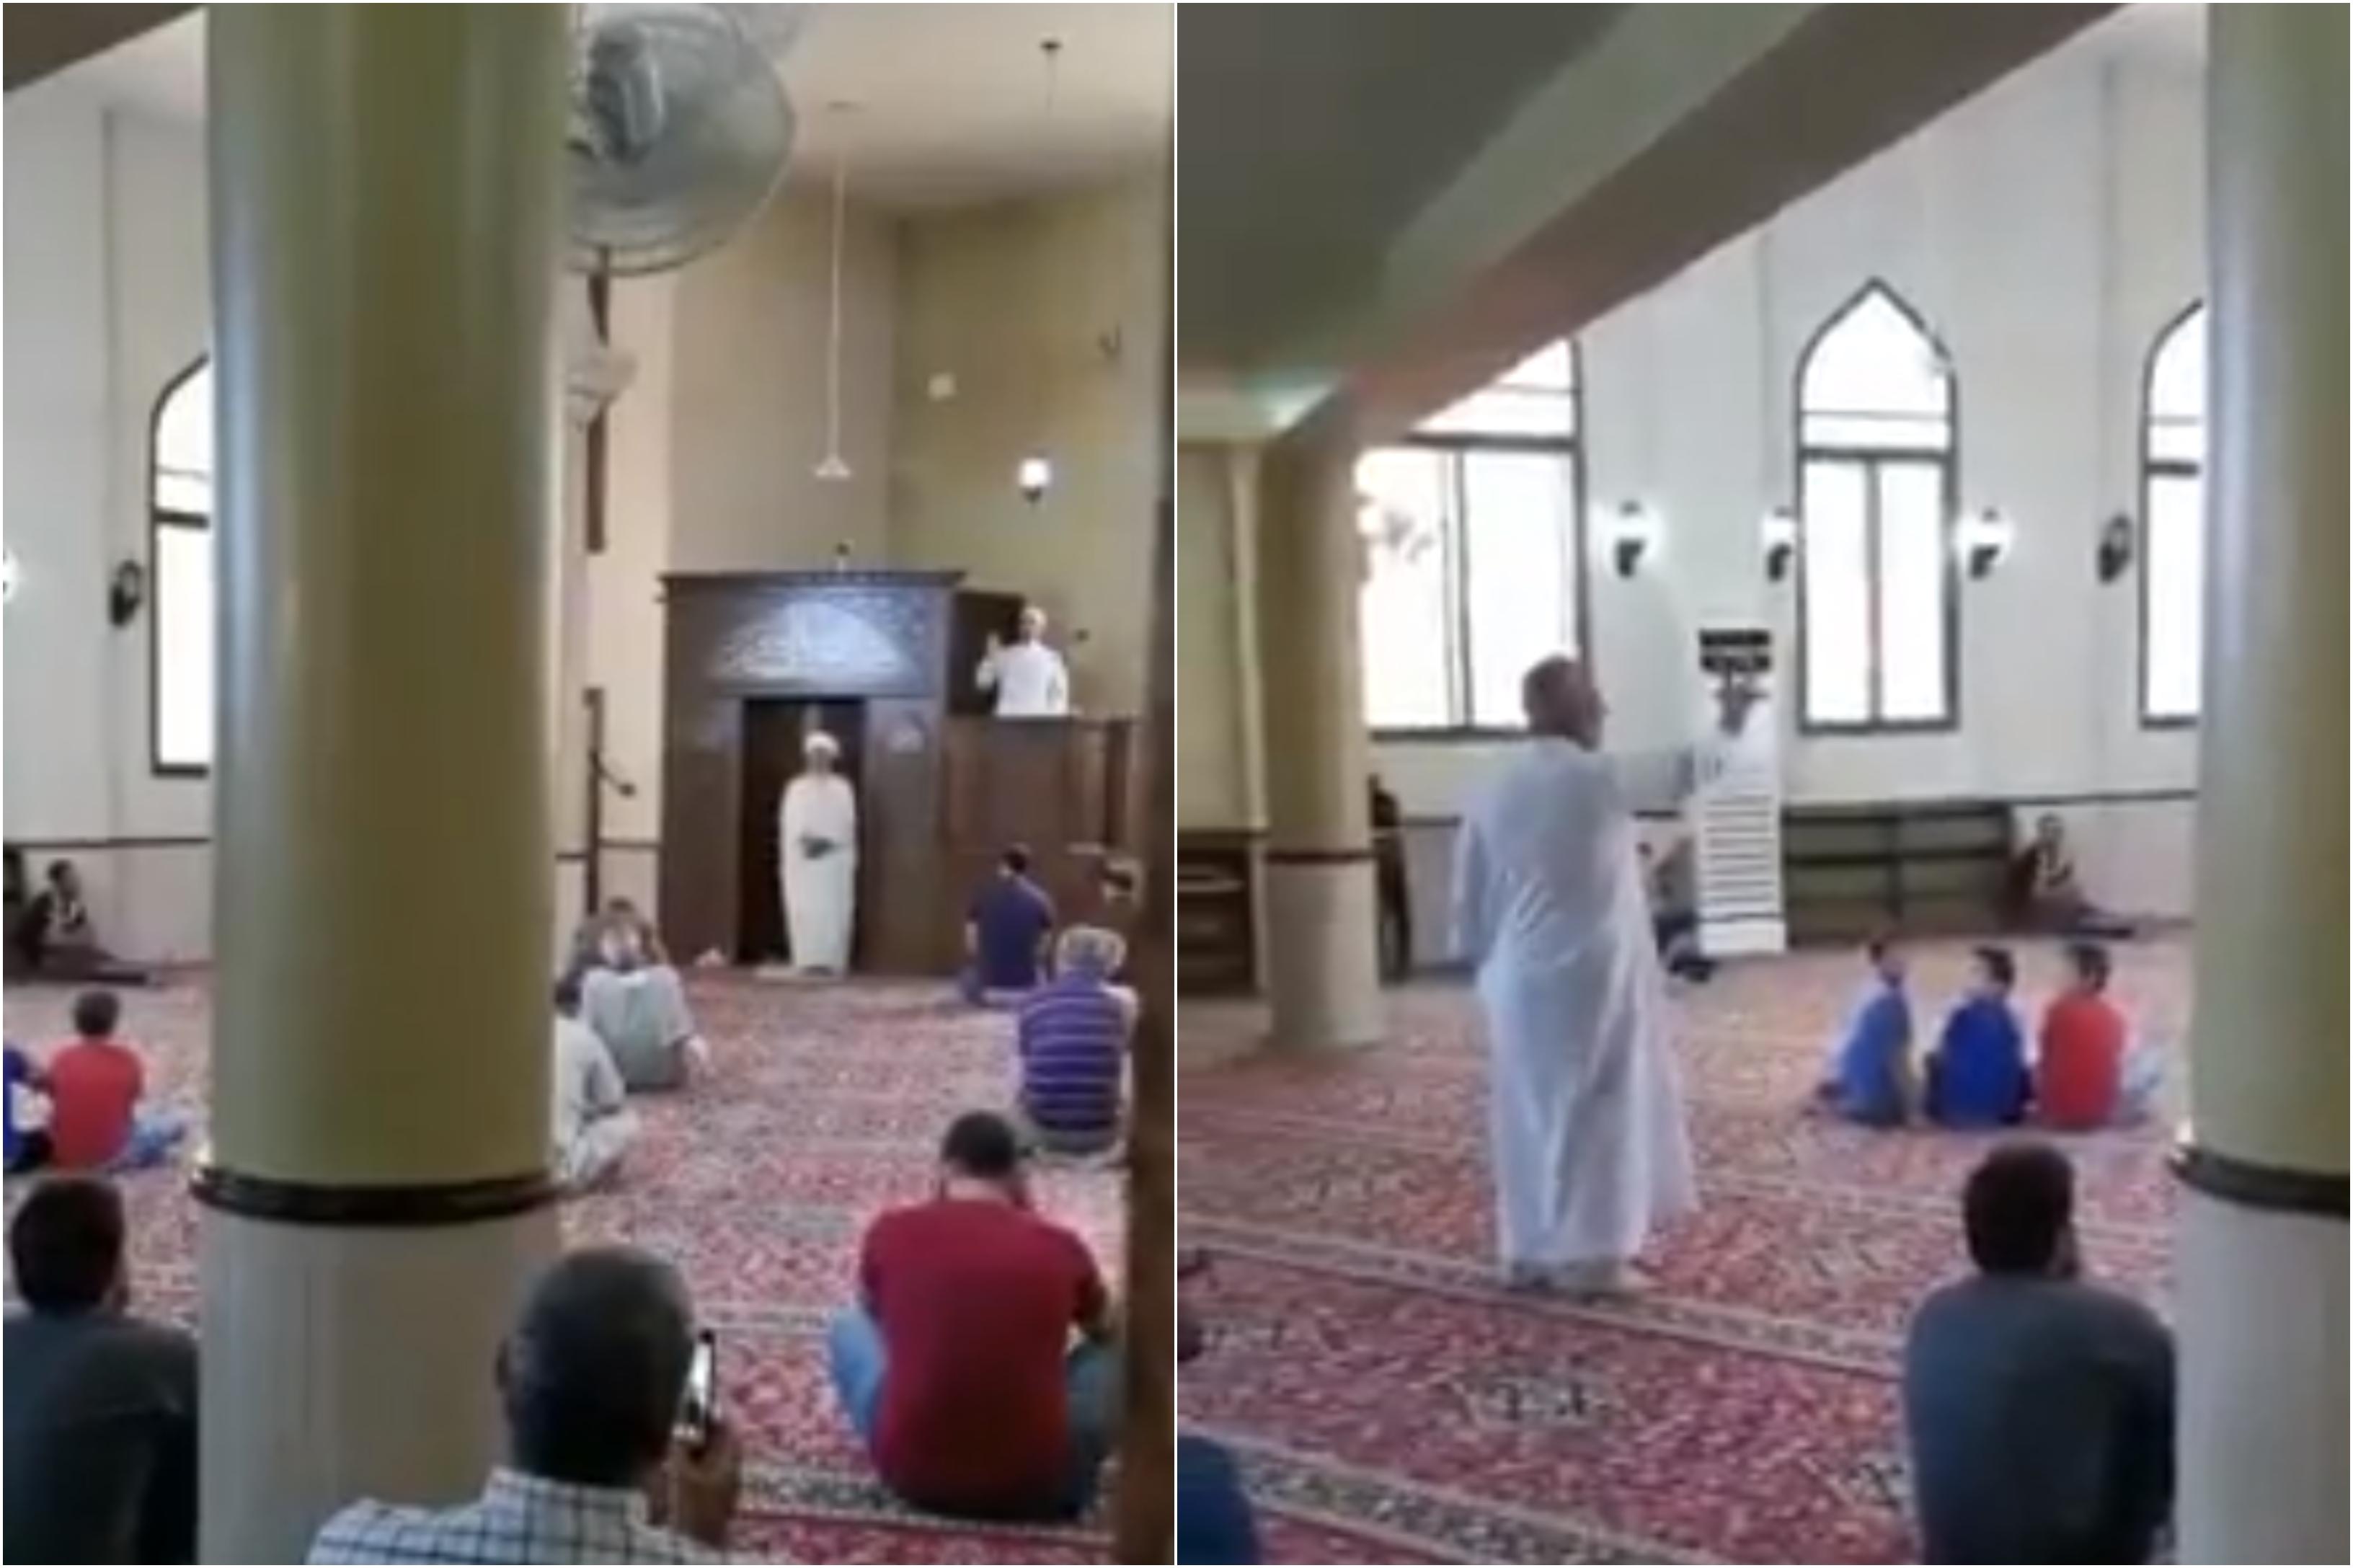 بالفيديو/ خلاف بين امامي صلاة في مخيم الرشيدية أدى لإلقاء خطبتين في الوقت ذاته لكل منهما داخل المسجد!